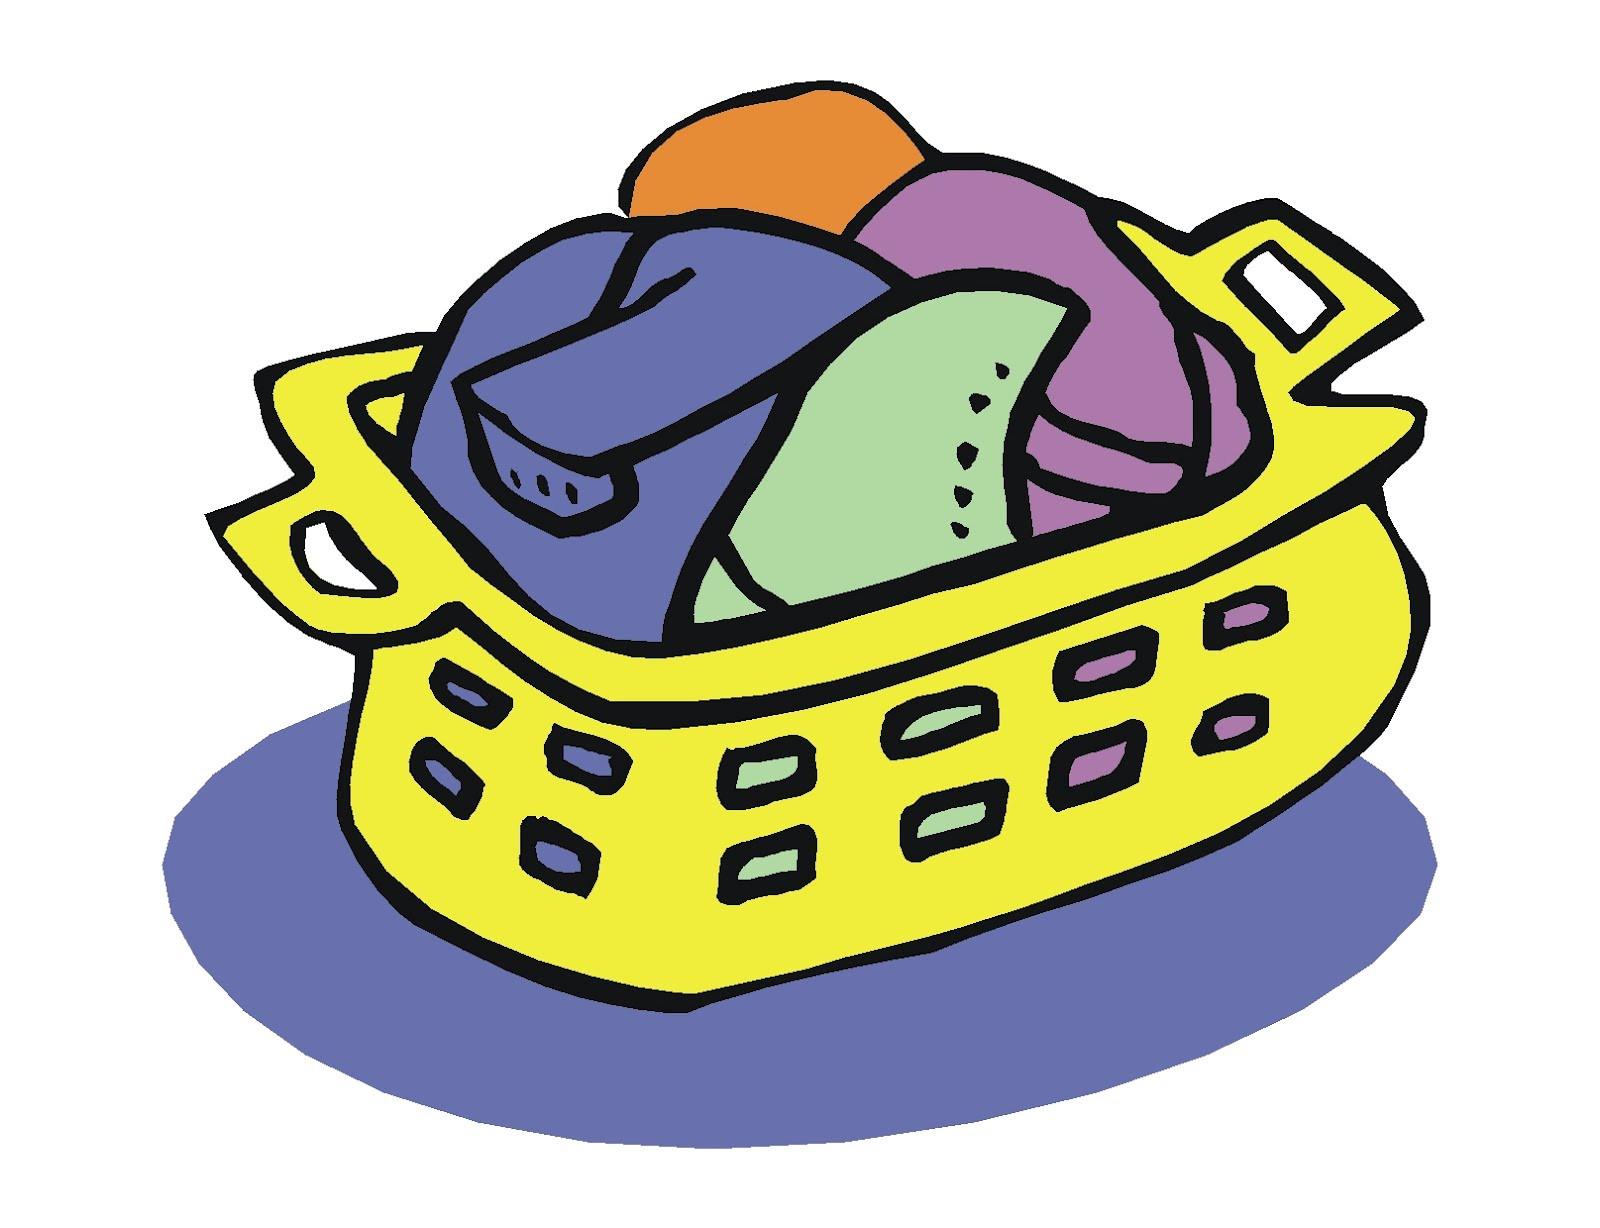 1600x1228 Laundry Basket Clip Art Black And White Washing Machine, Laundry